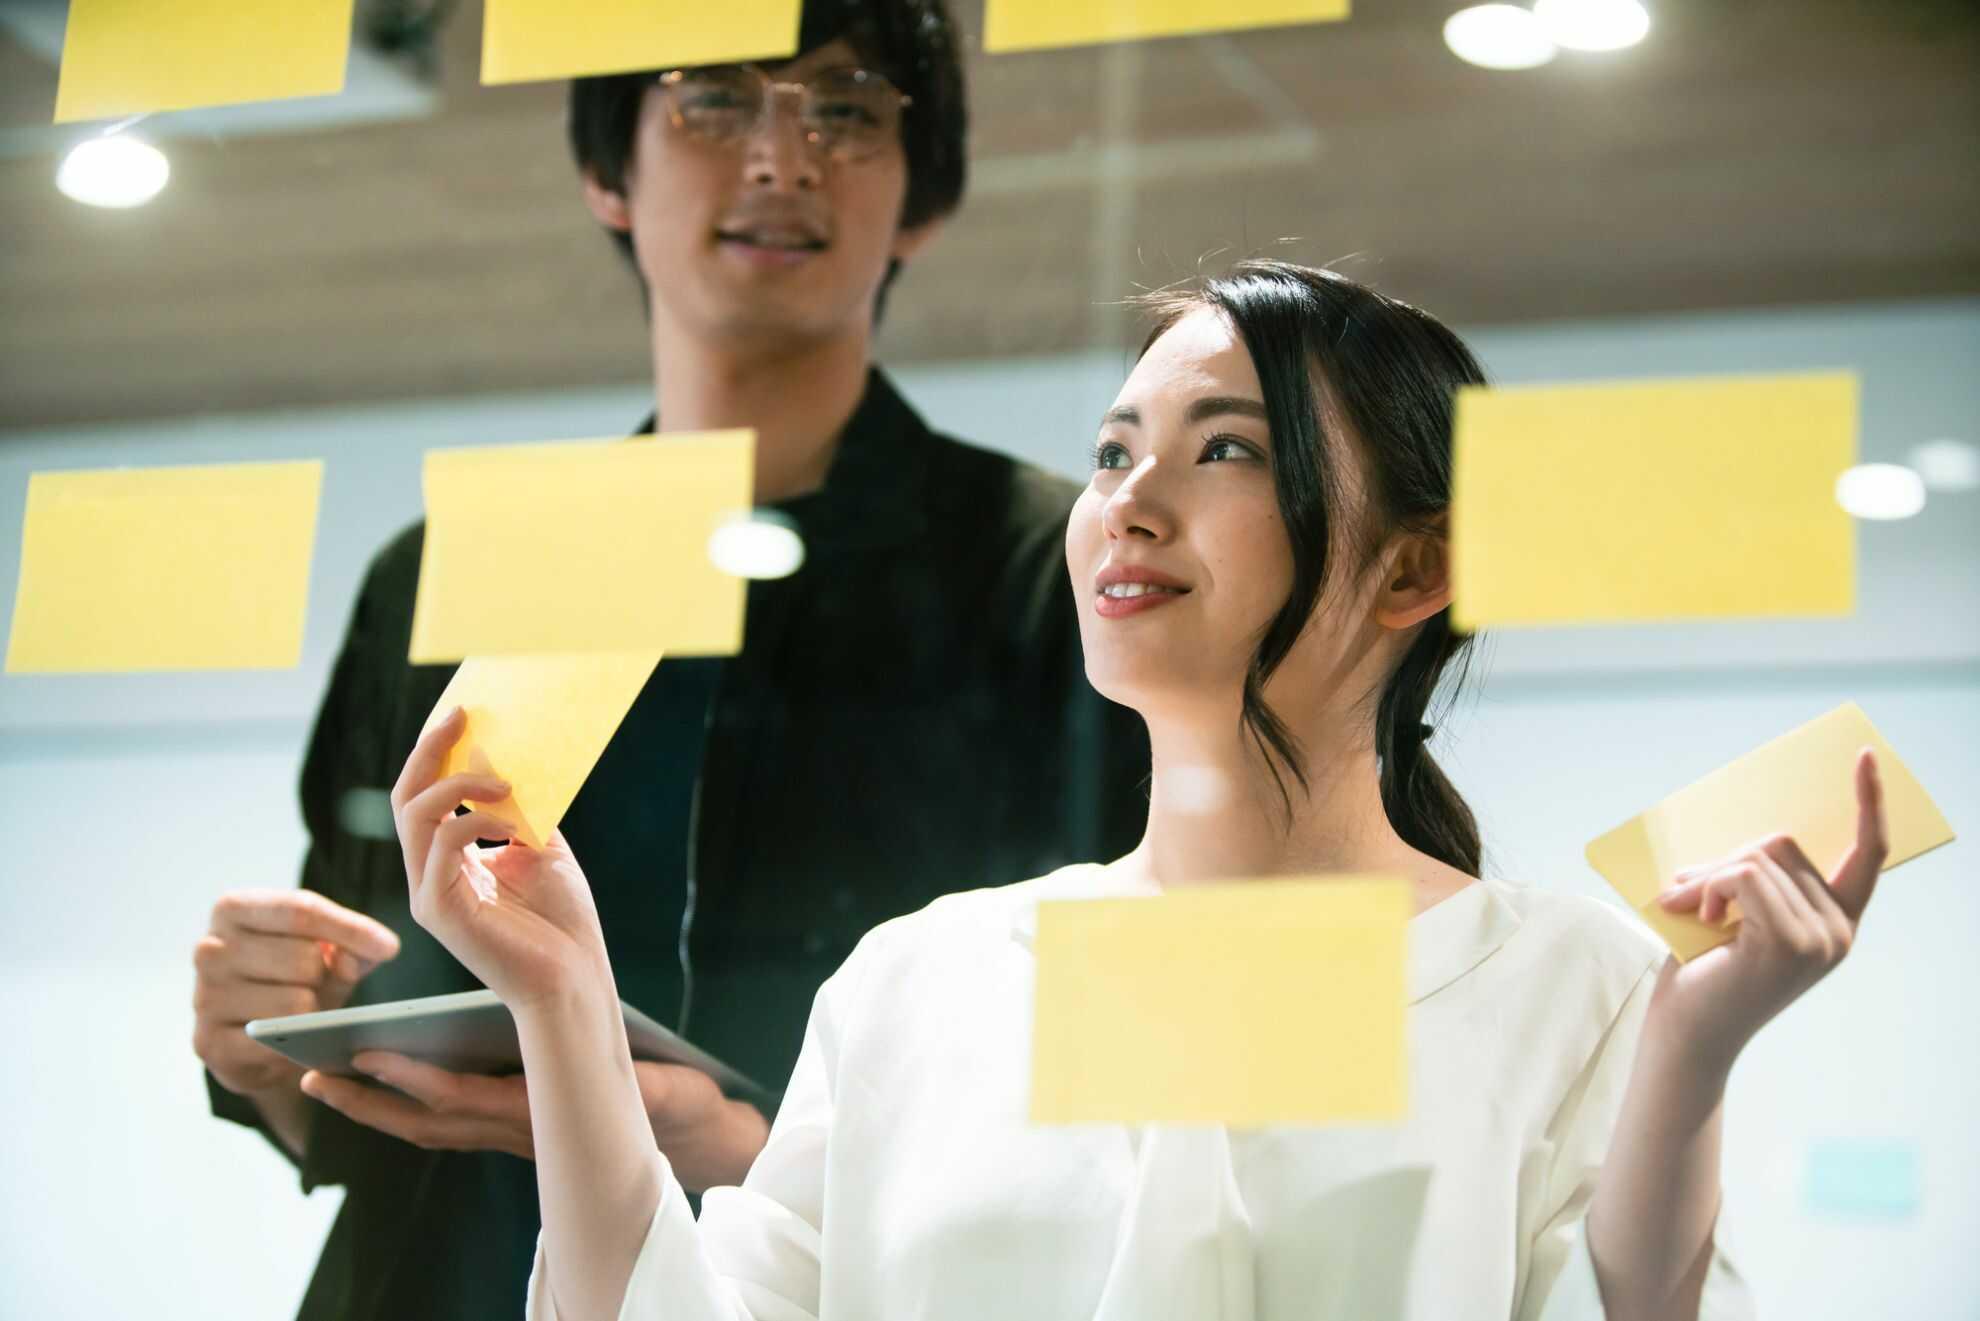 付箋を使って会議で出た意見を整理する女性